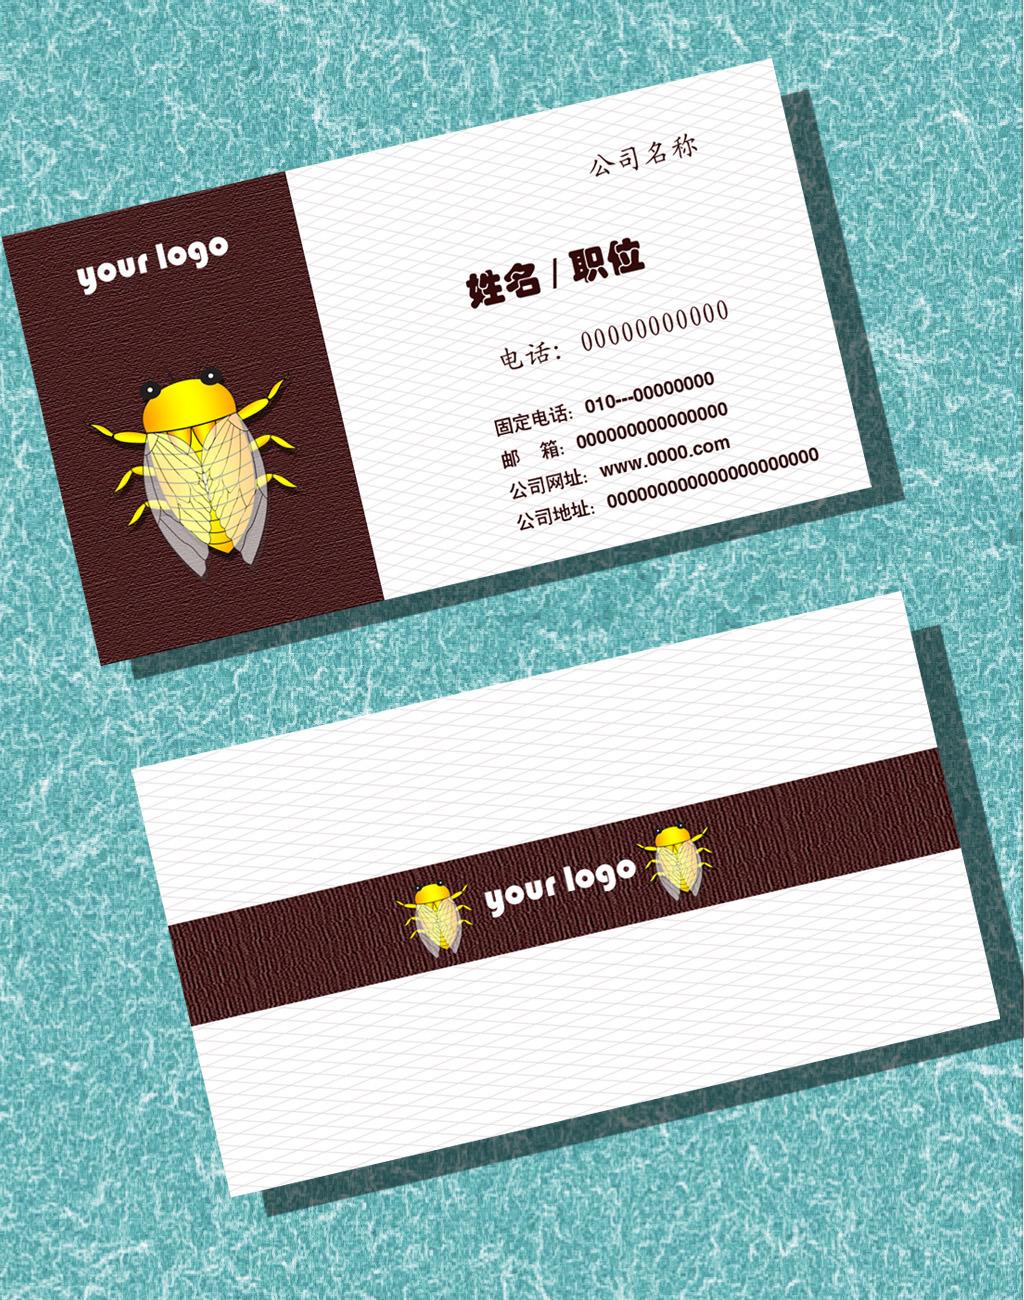 名片模板下载图片下载  特色养殖名片 名片制作 蝉图片 蝉图片大全 蝉